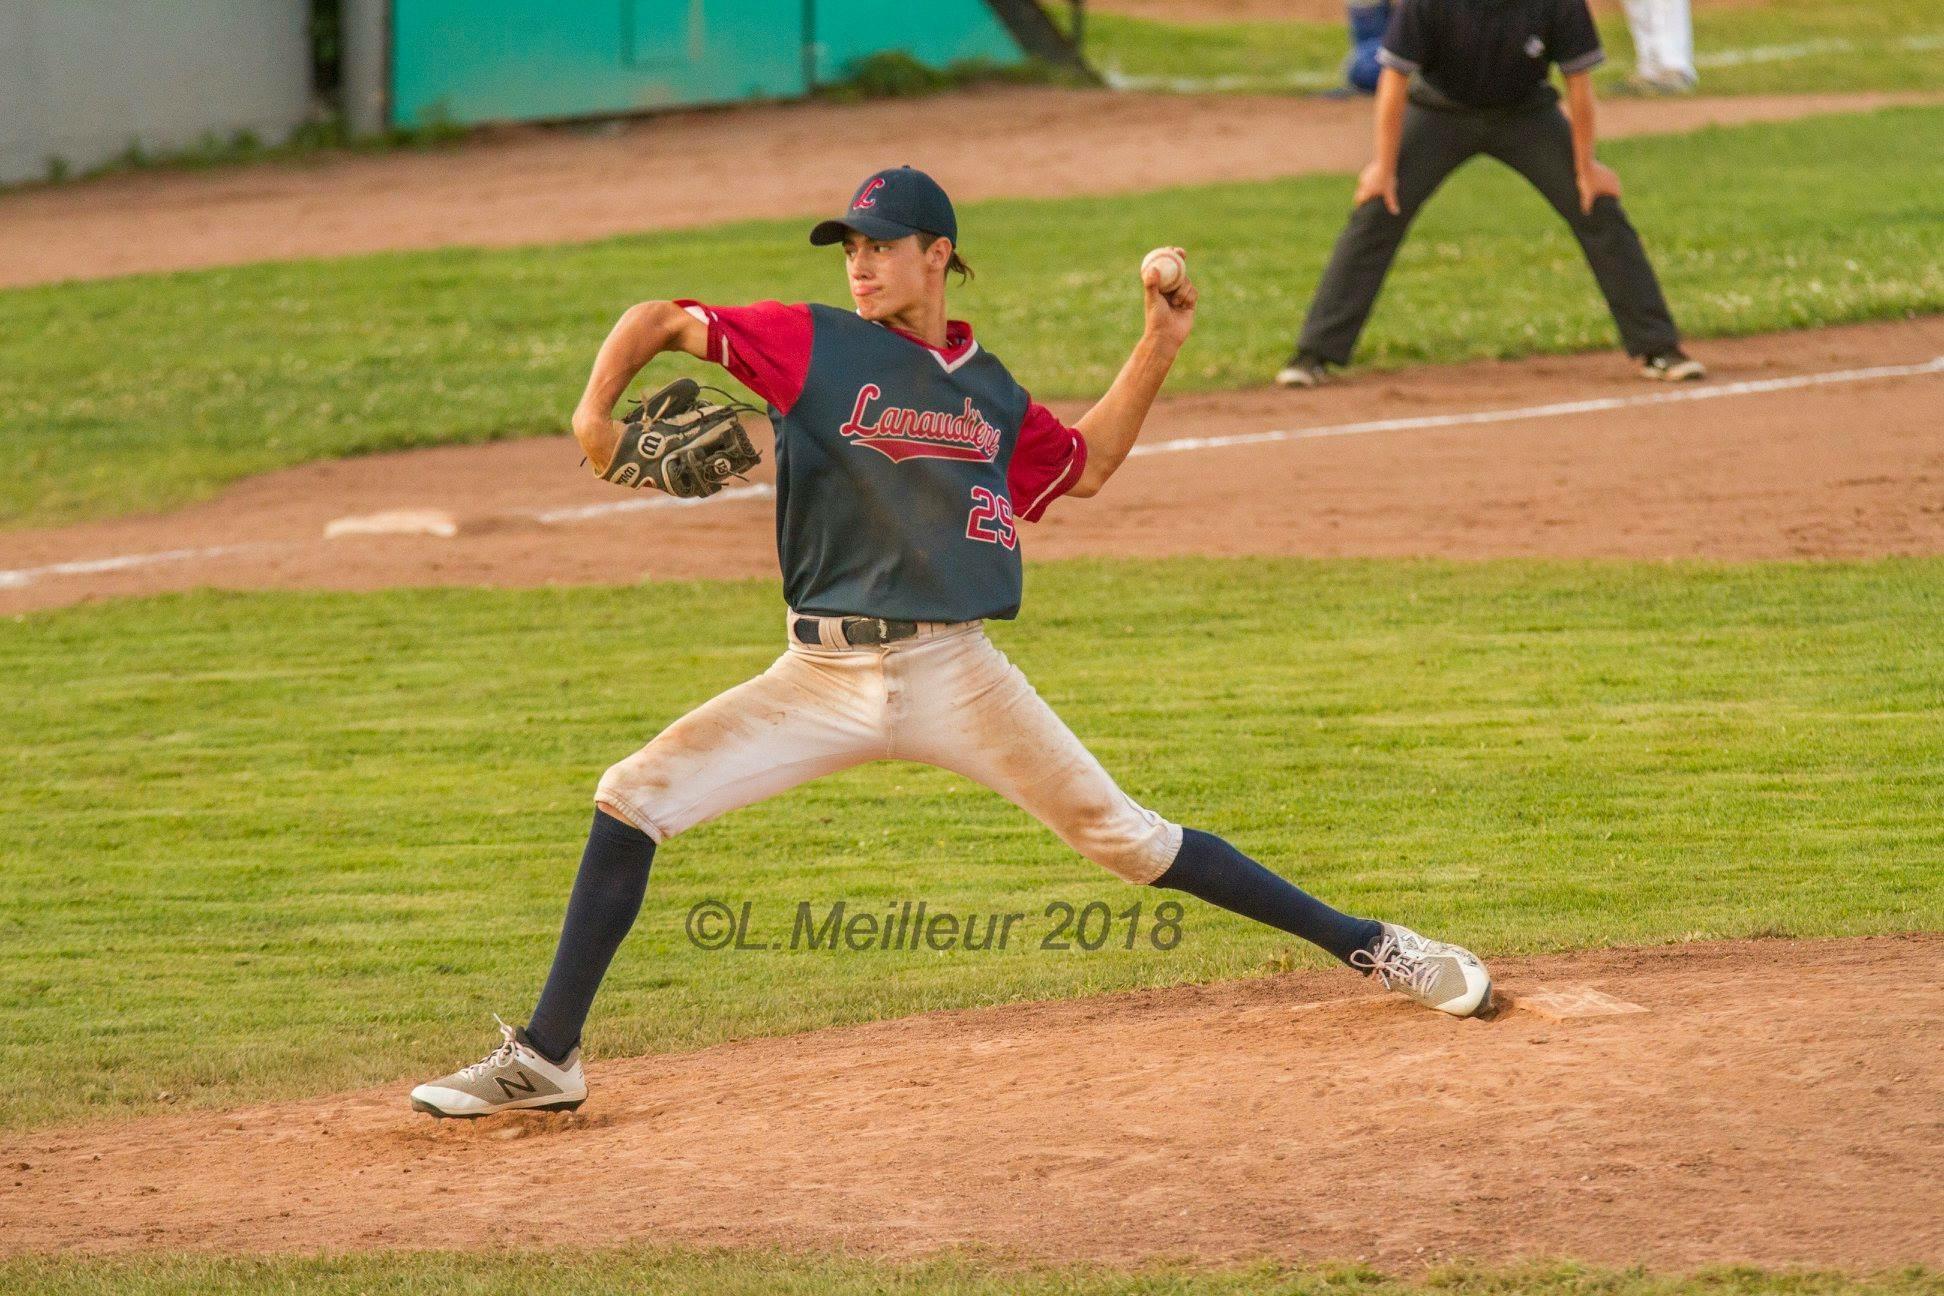 Alexis Gravel baseball